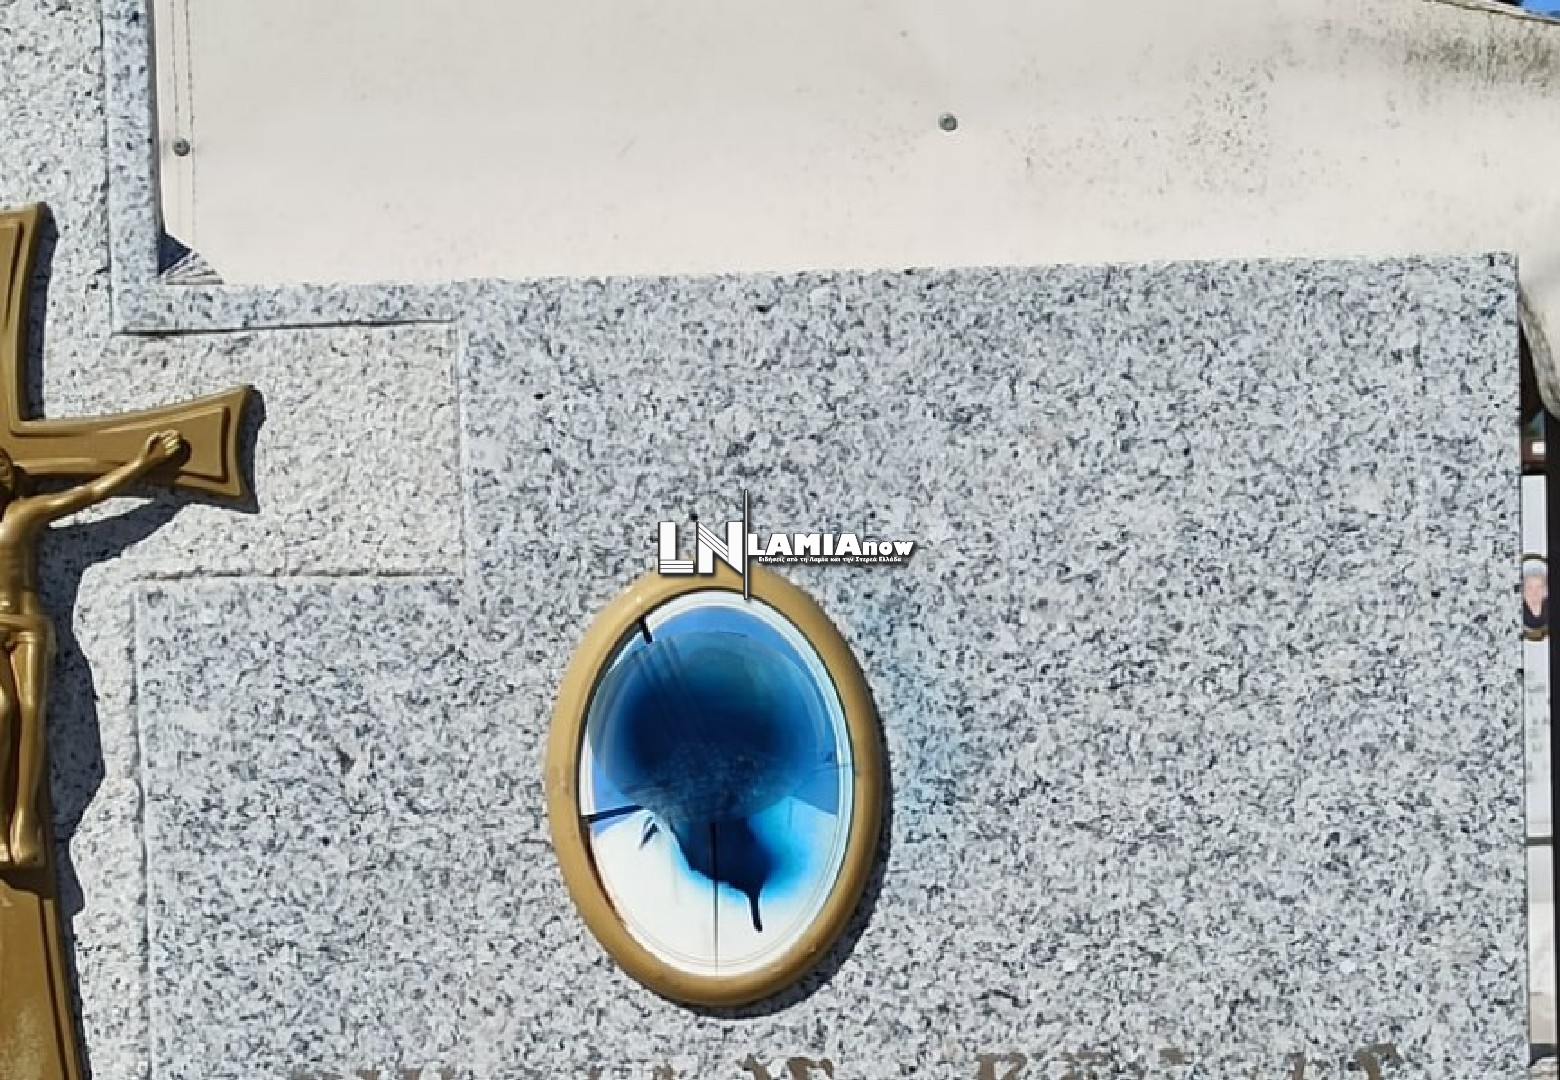 Λαμία: Εικόνες που προκαλούν οργή στο νεκροταφείο της Ανθήλης – Το αρρωστημένο χτύπημα (pics)